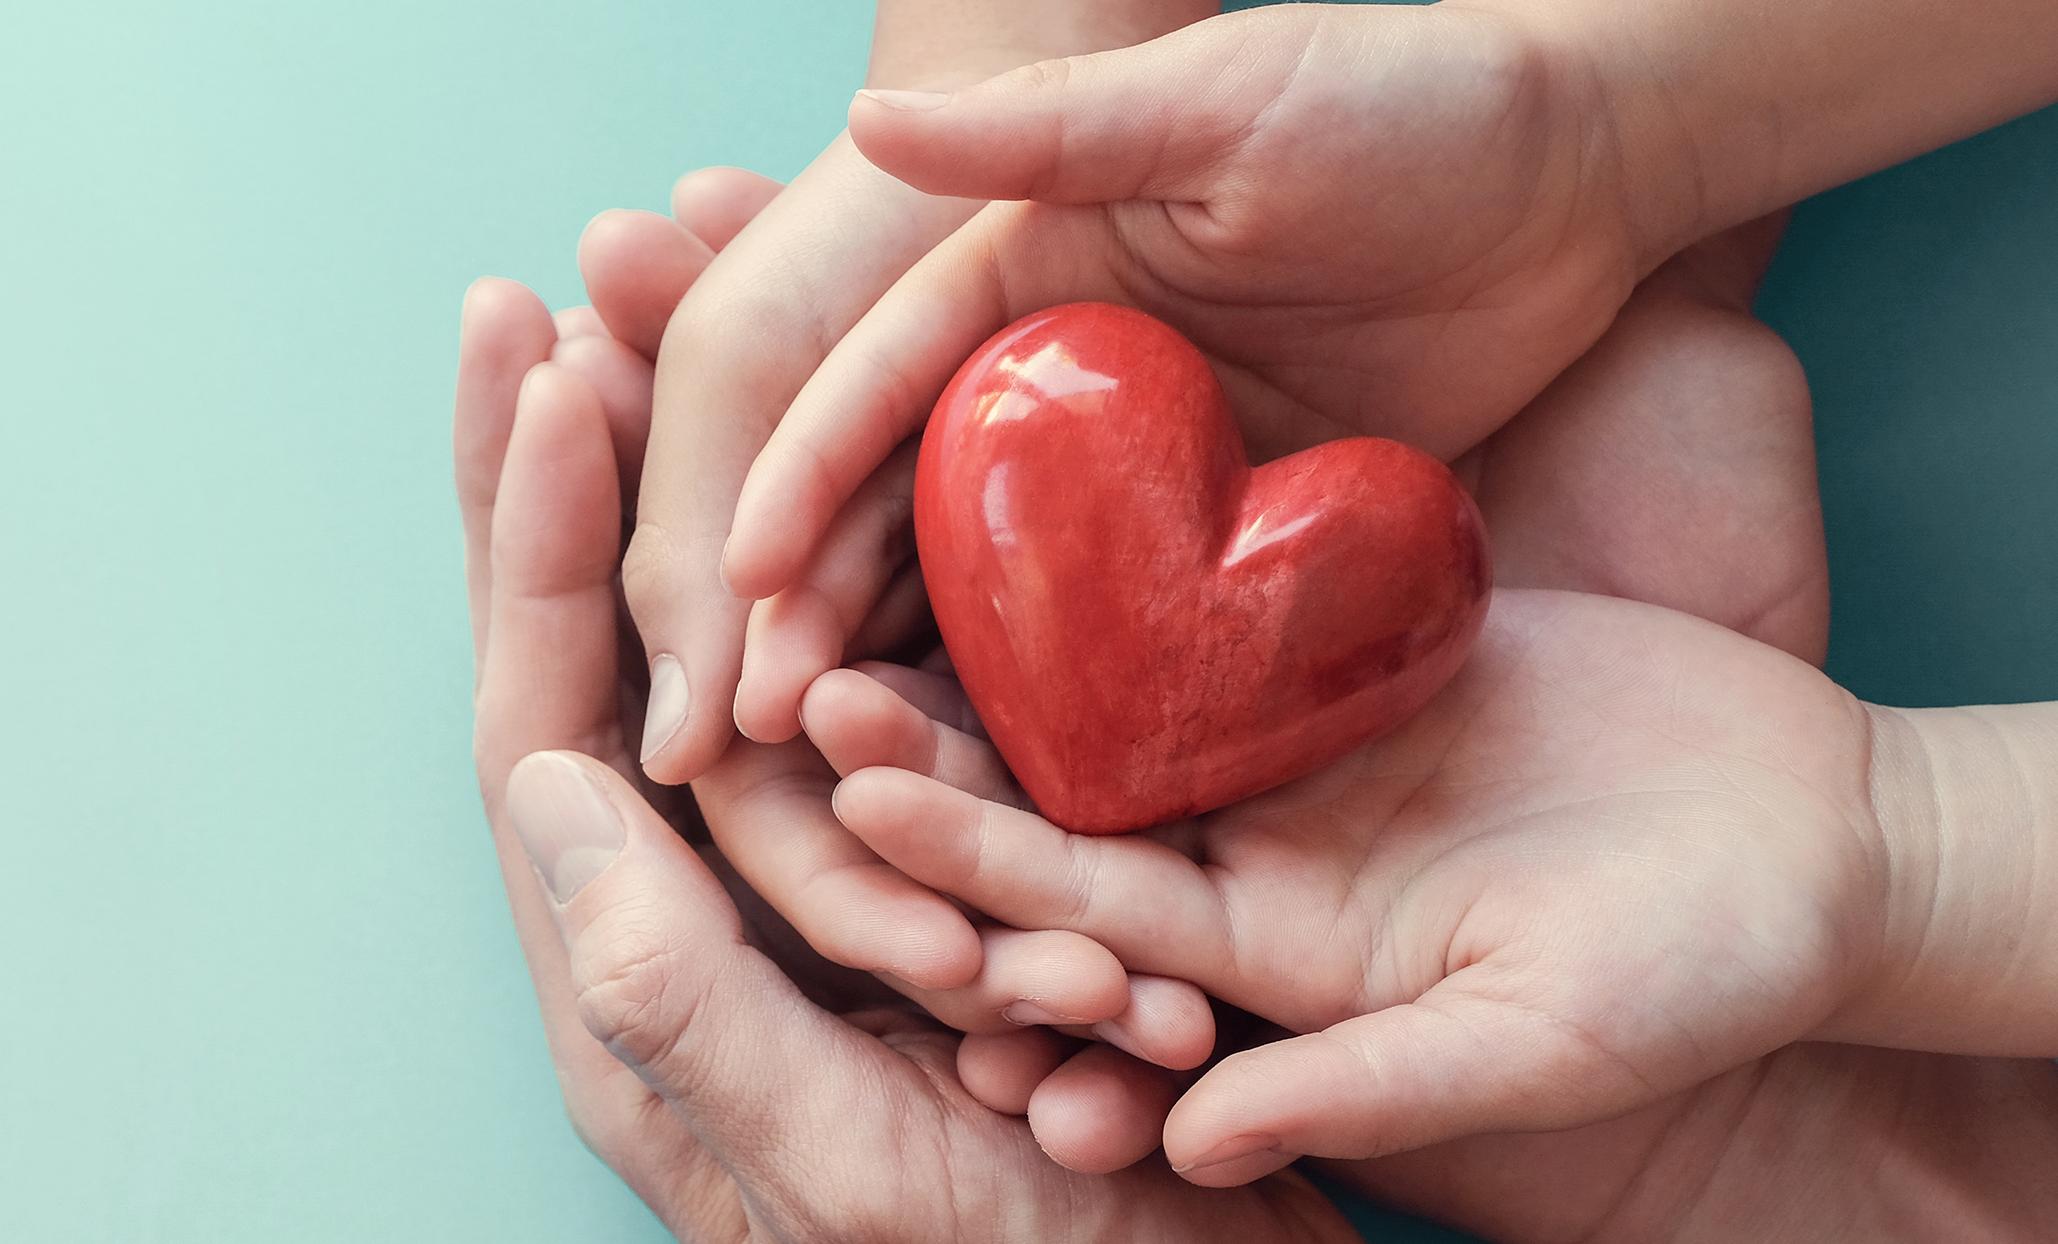 hart shape in peoples hands